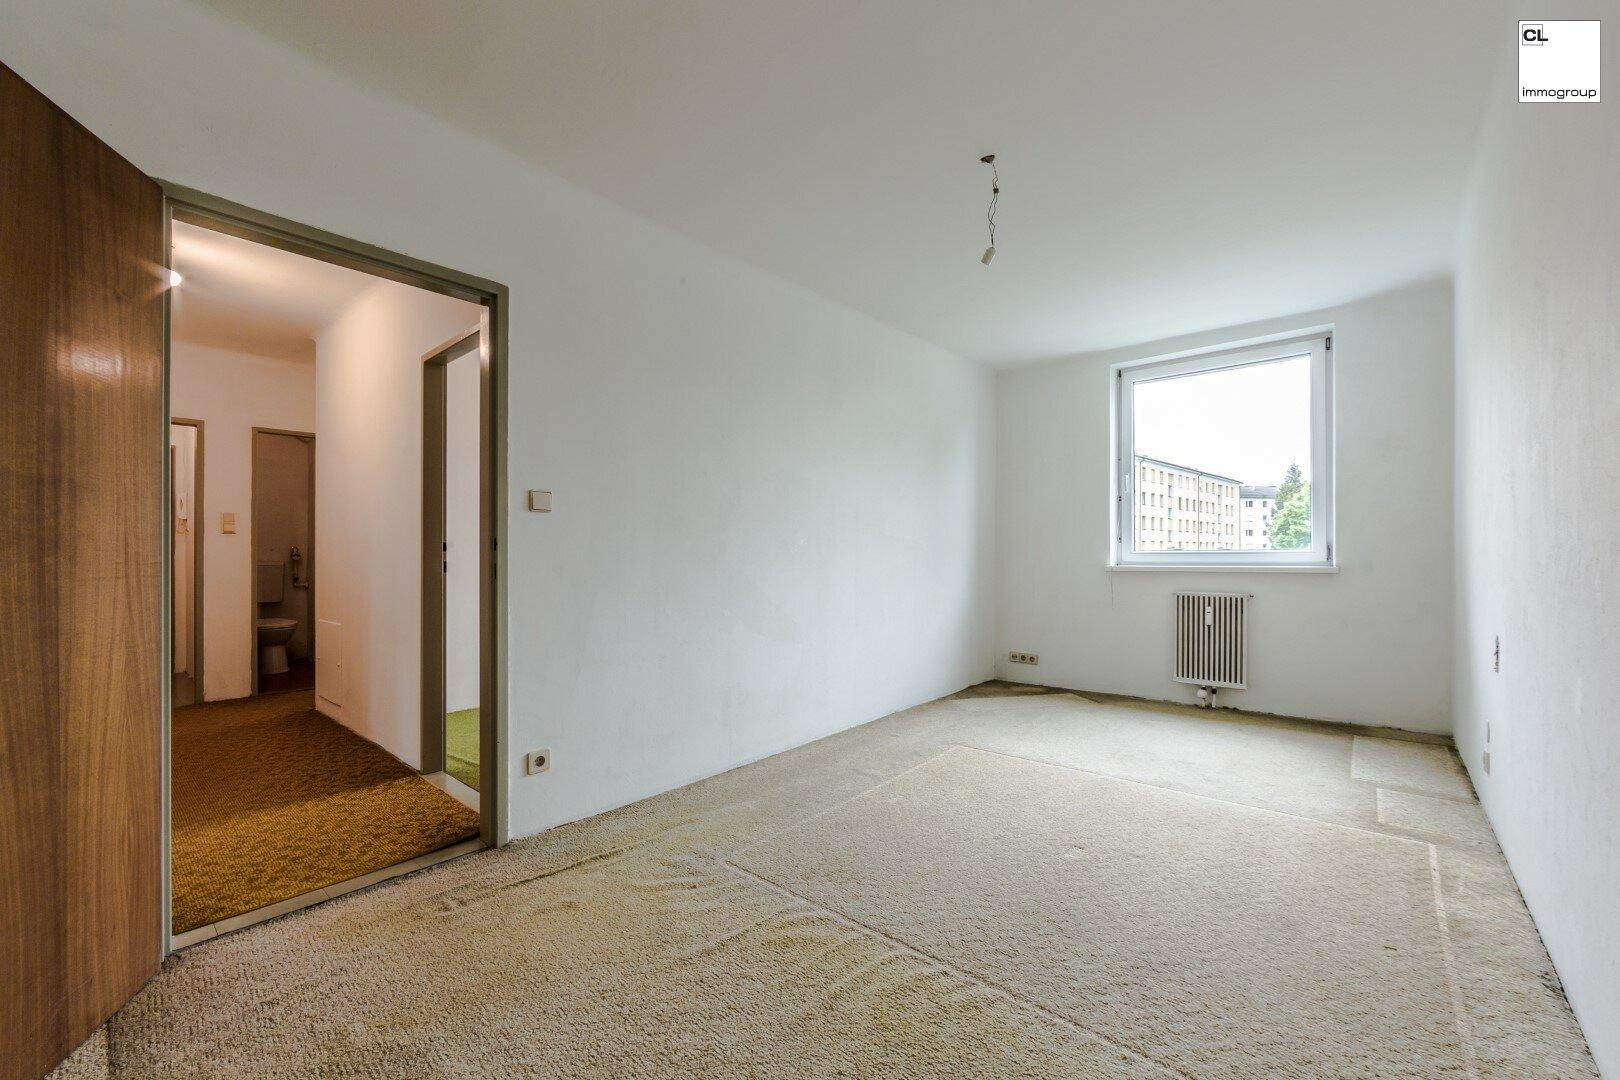 Schlaftimmer 1 - ruhige 3-Zimmer-Wohnung in Salzburg zu kaufen www.cl-immogroup.at